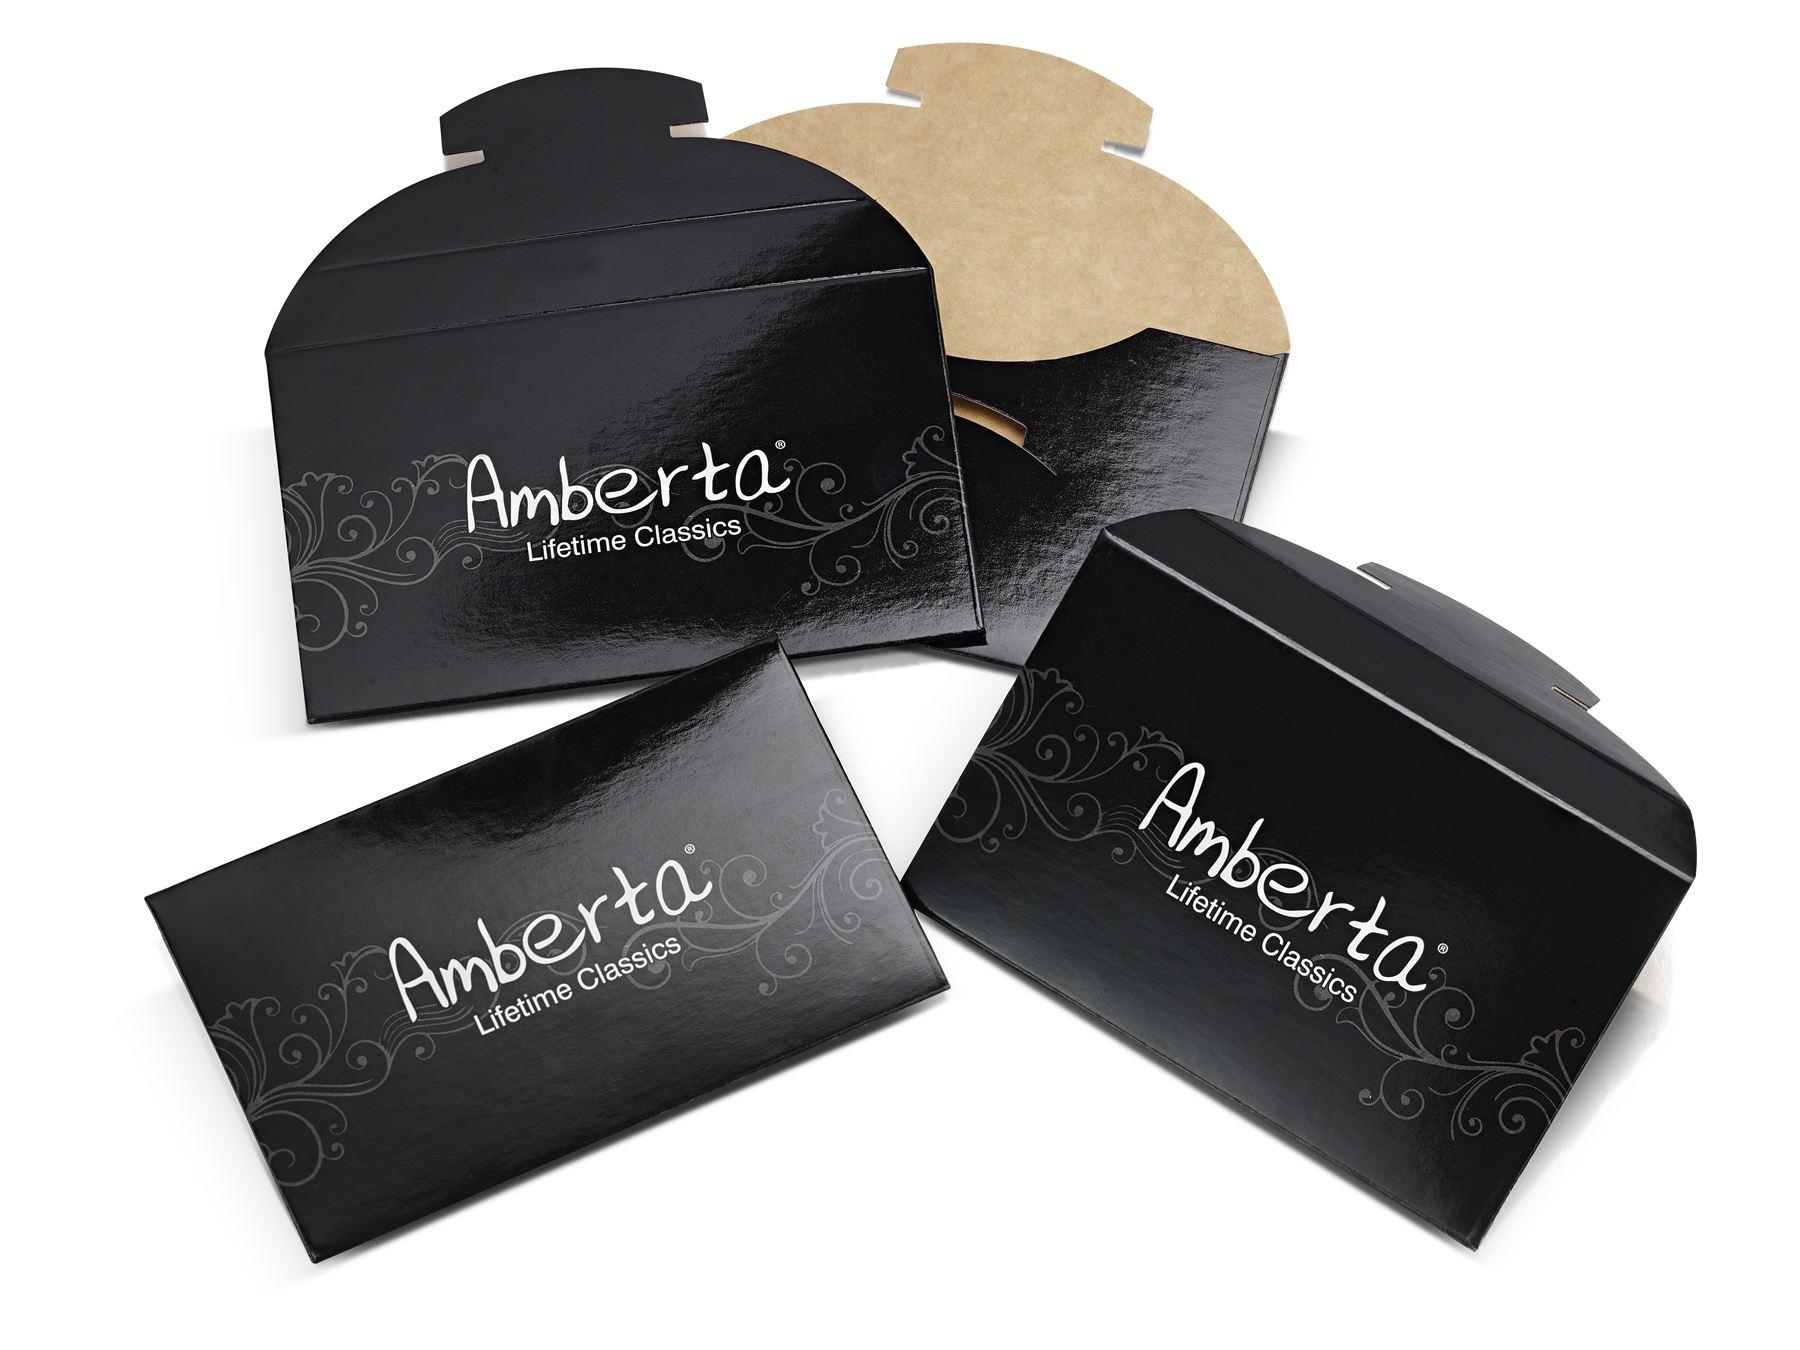 Amberta-Bijoux-Bracelet-en-Vrai-Argent-Sterling-925-Chaine-pour-Femme-a-la-Mode thumbnail 109